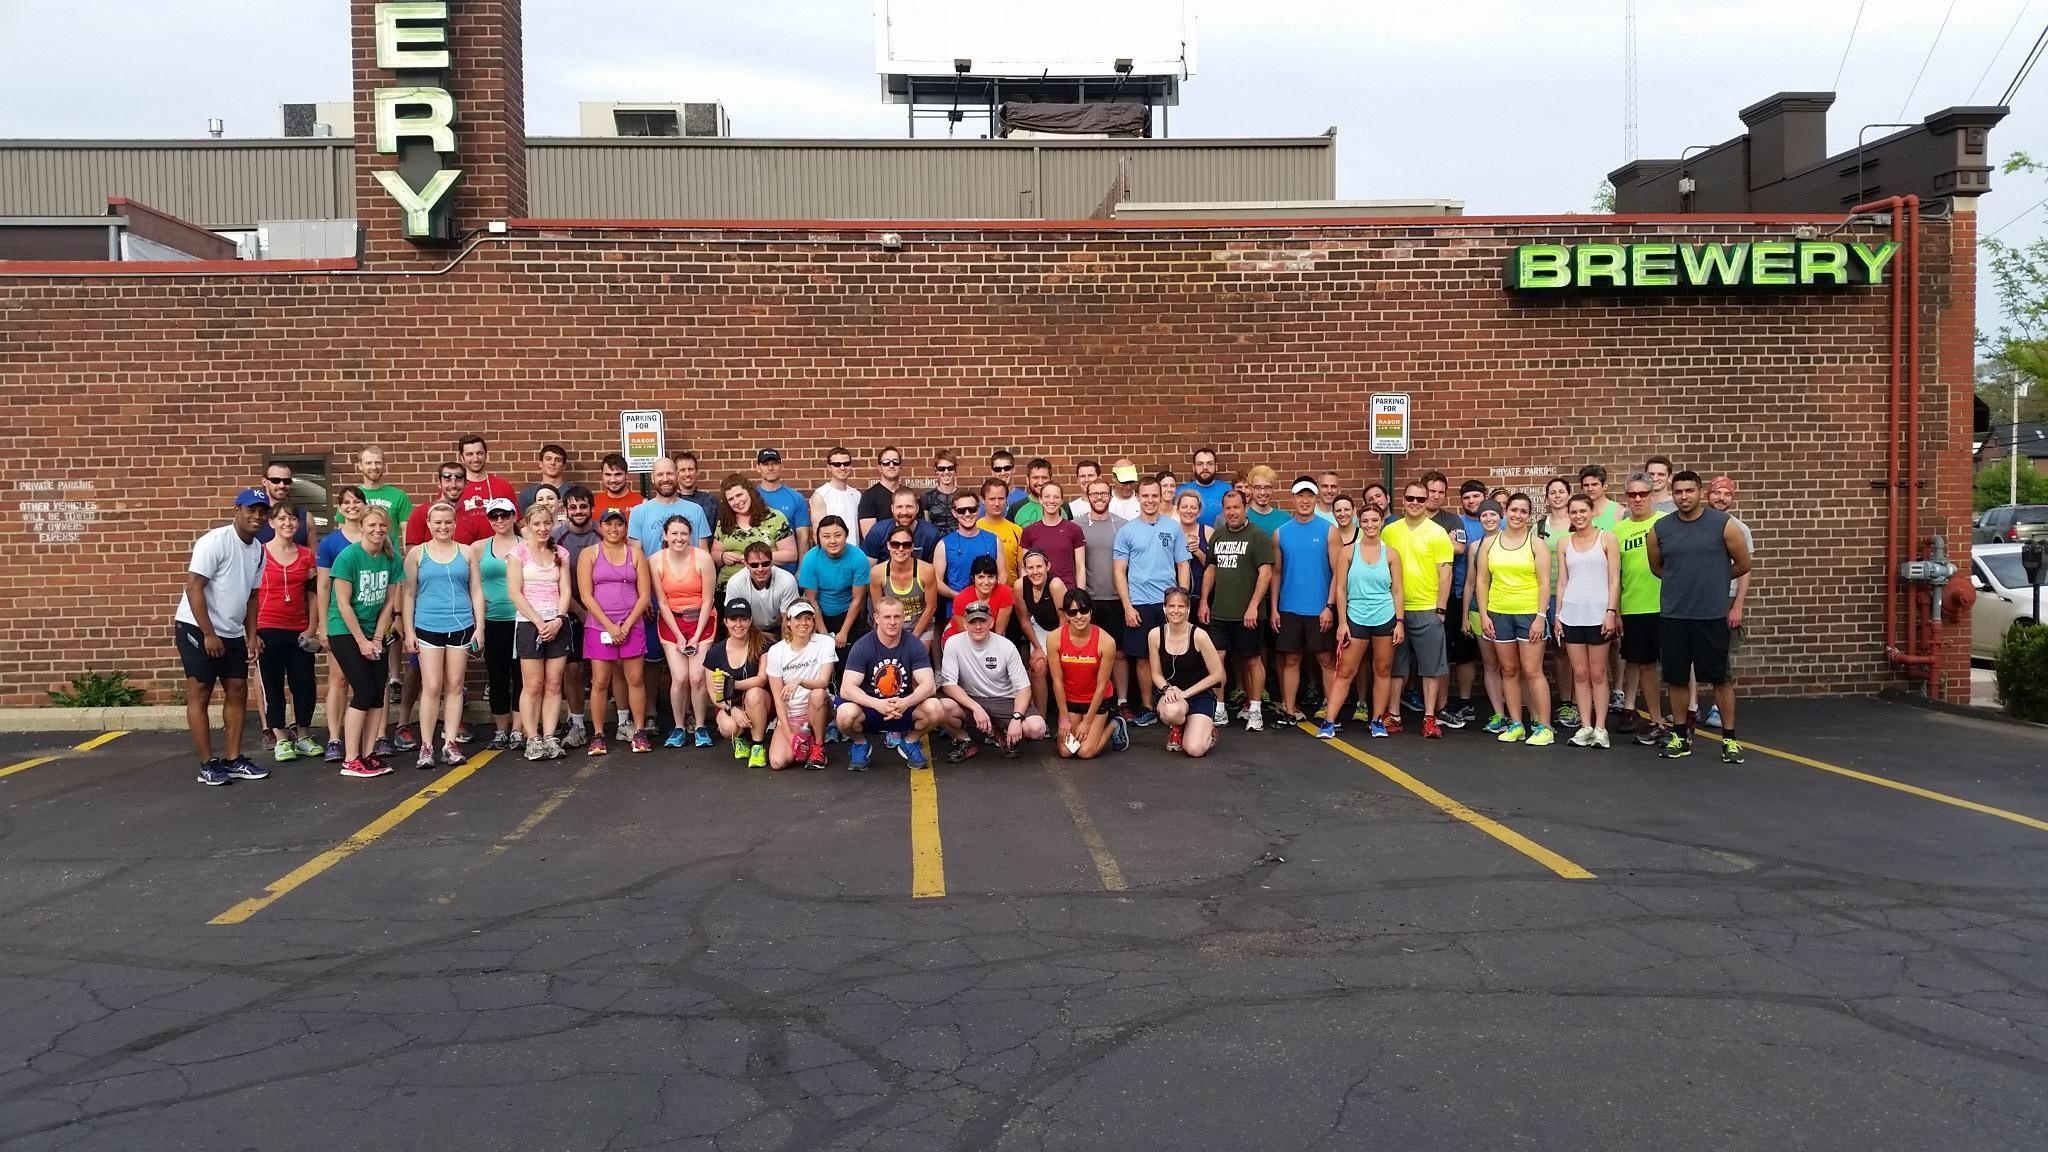 Running for Brews Royal Oak - 5k Beer Running Club